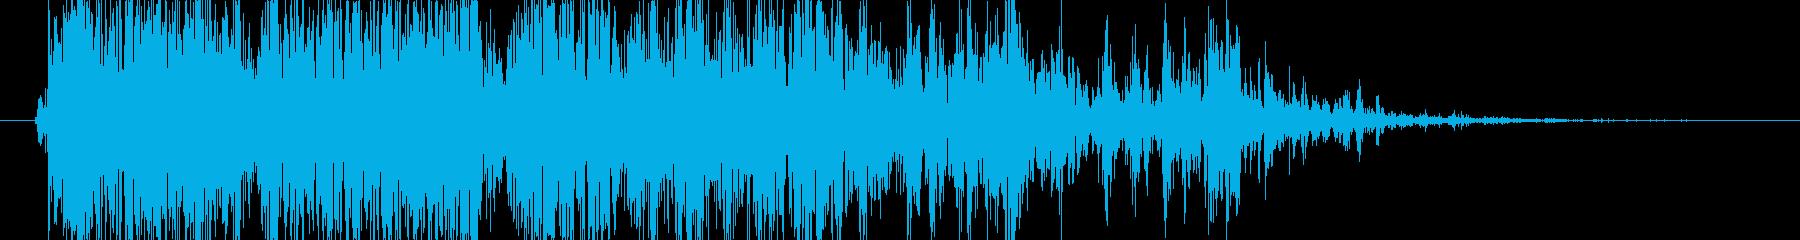 ロック ラージロールドロップ03の再生済みの波形